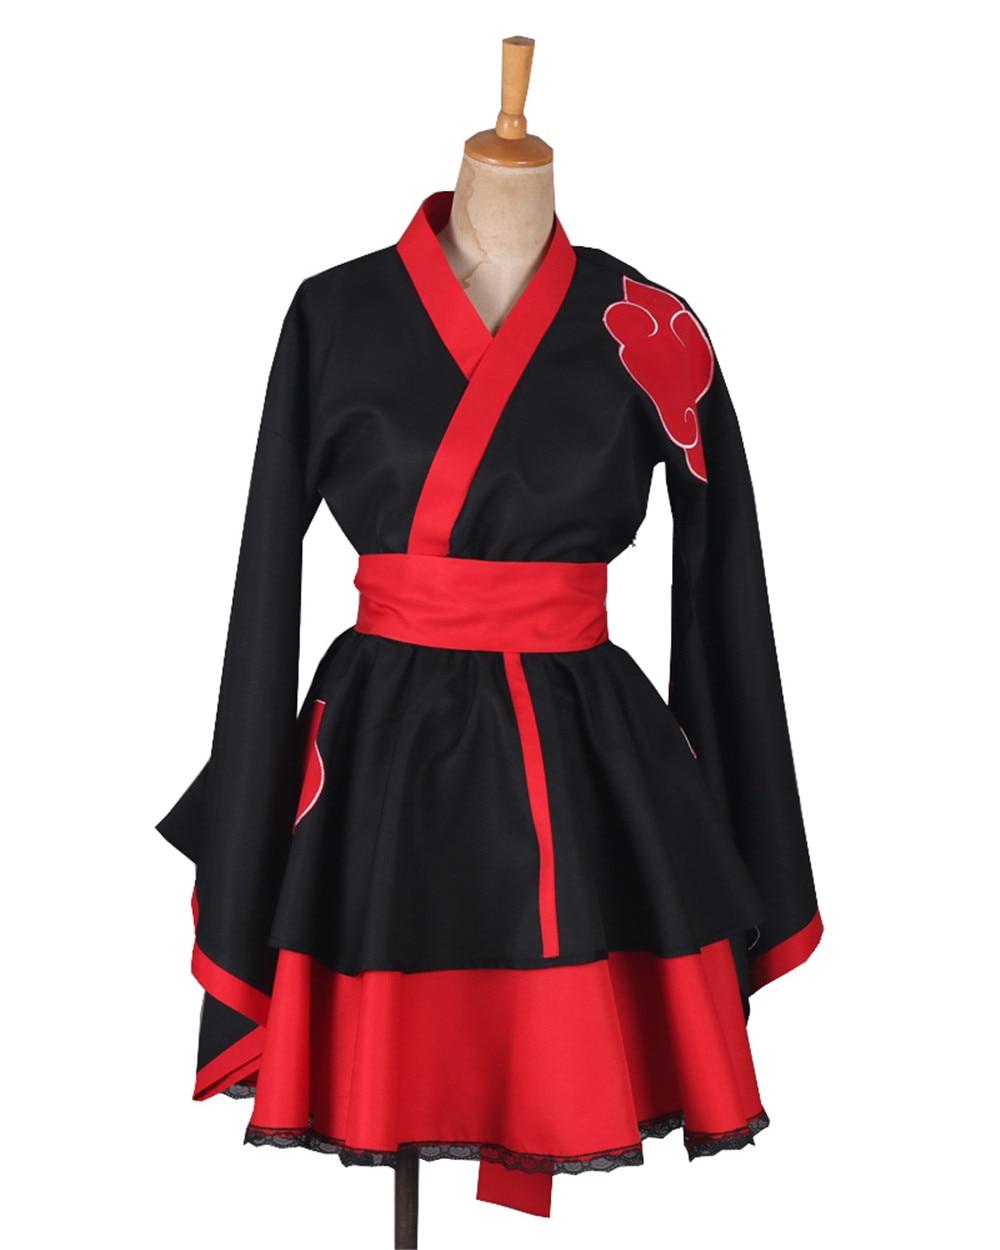 Naruto: Shippuden Akatsuki Costumes NARUTO Sasuke lolita Skirts Lolita kimono dress anime Cosplay Halloween party uniform